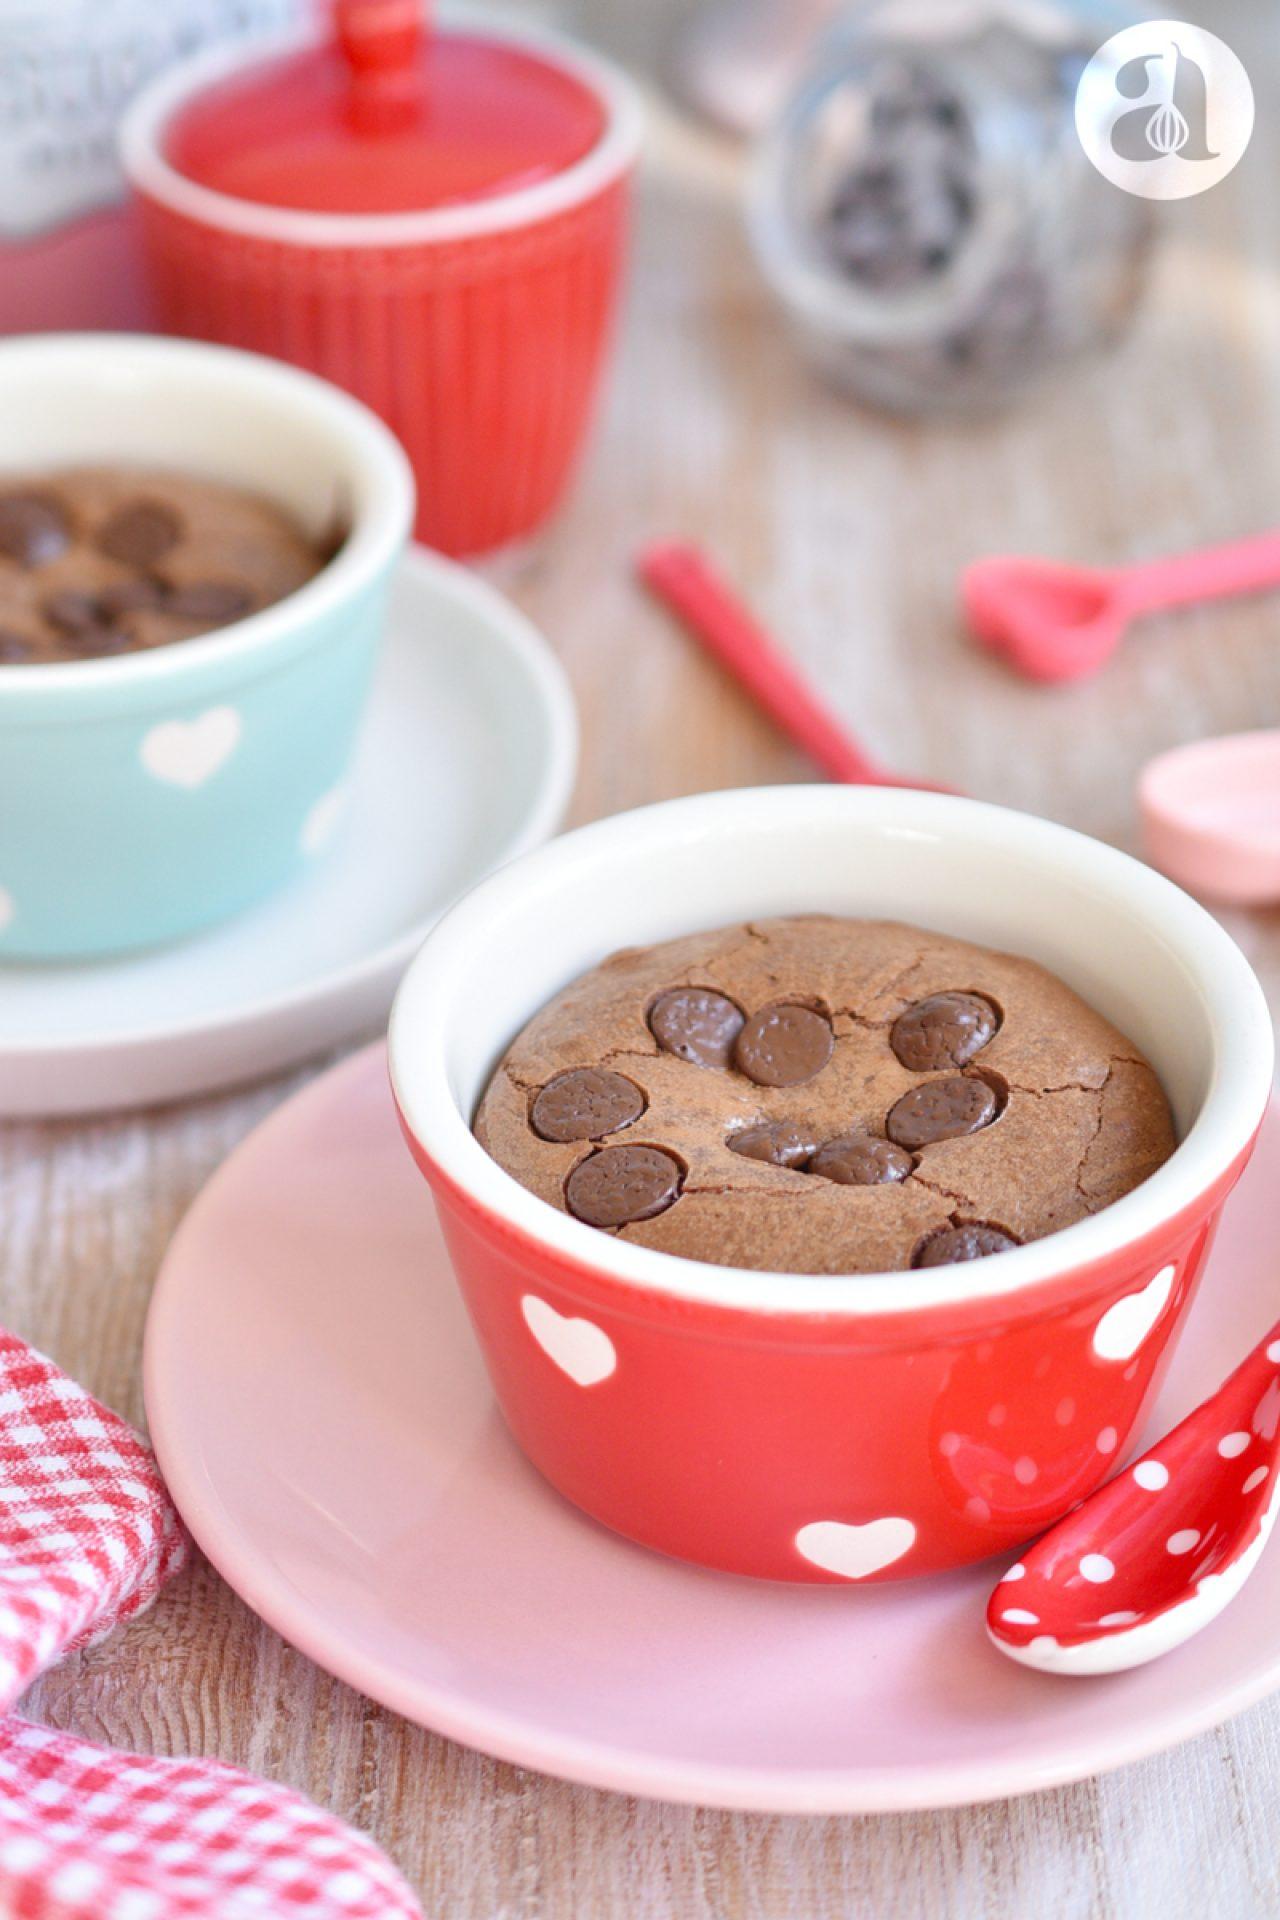 Volcán de Brownie (para 2 porciones) con Imprimibles Gratis para San Valentín